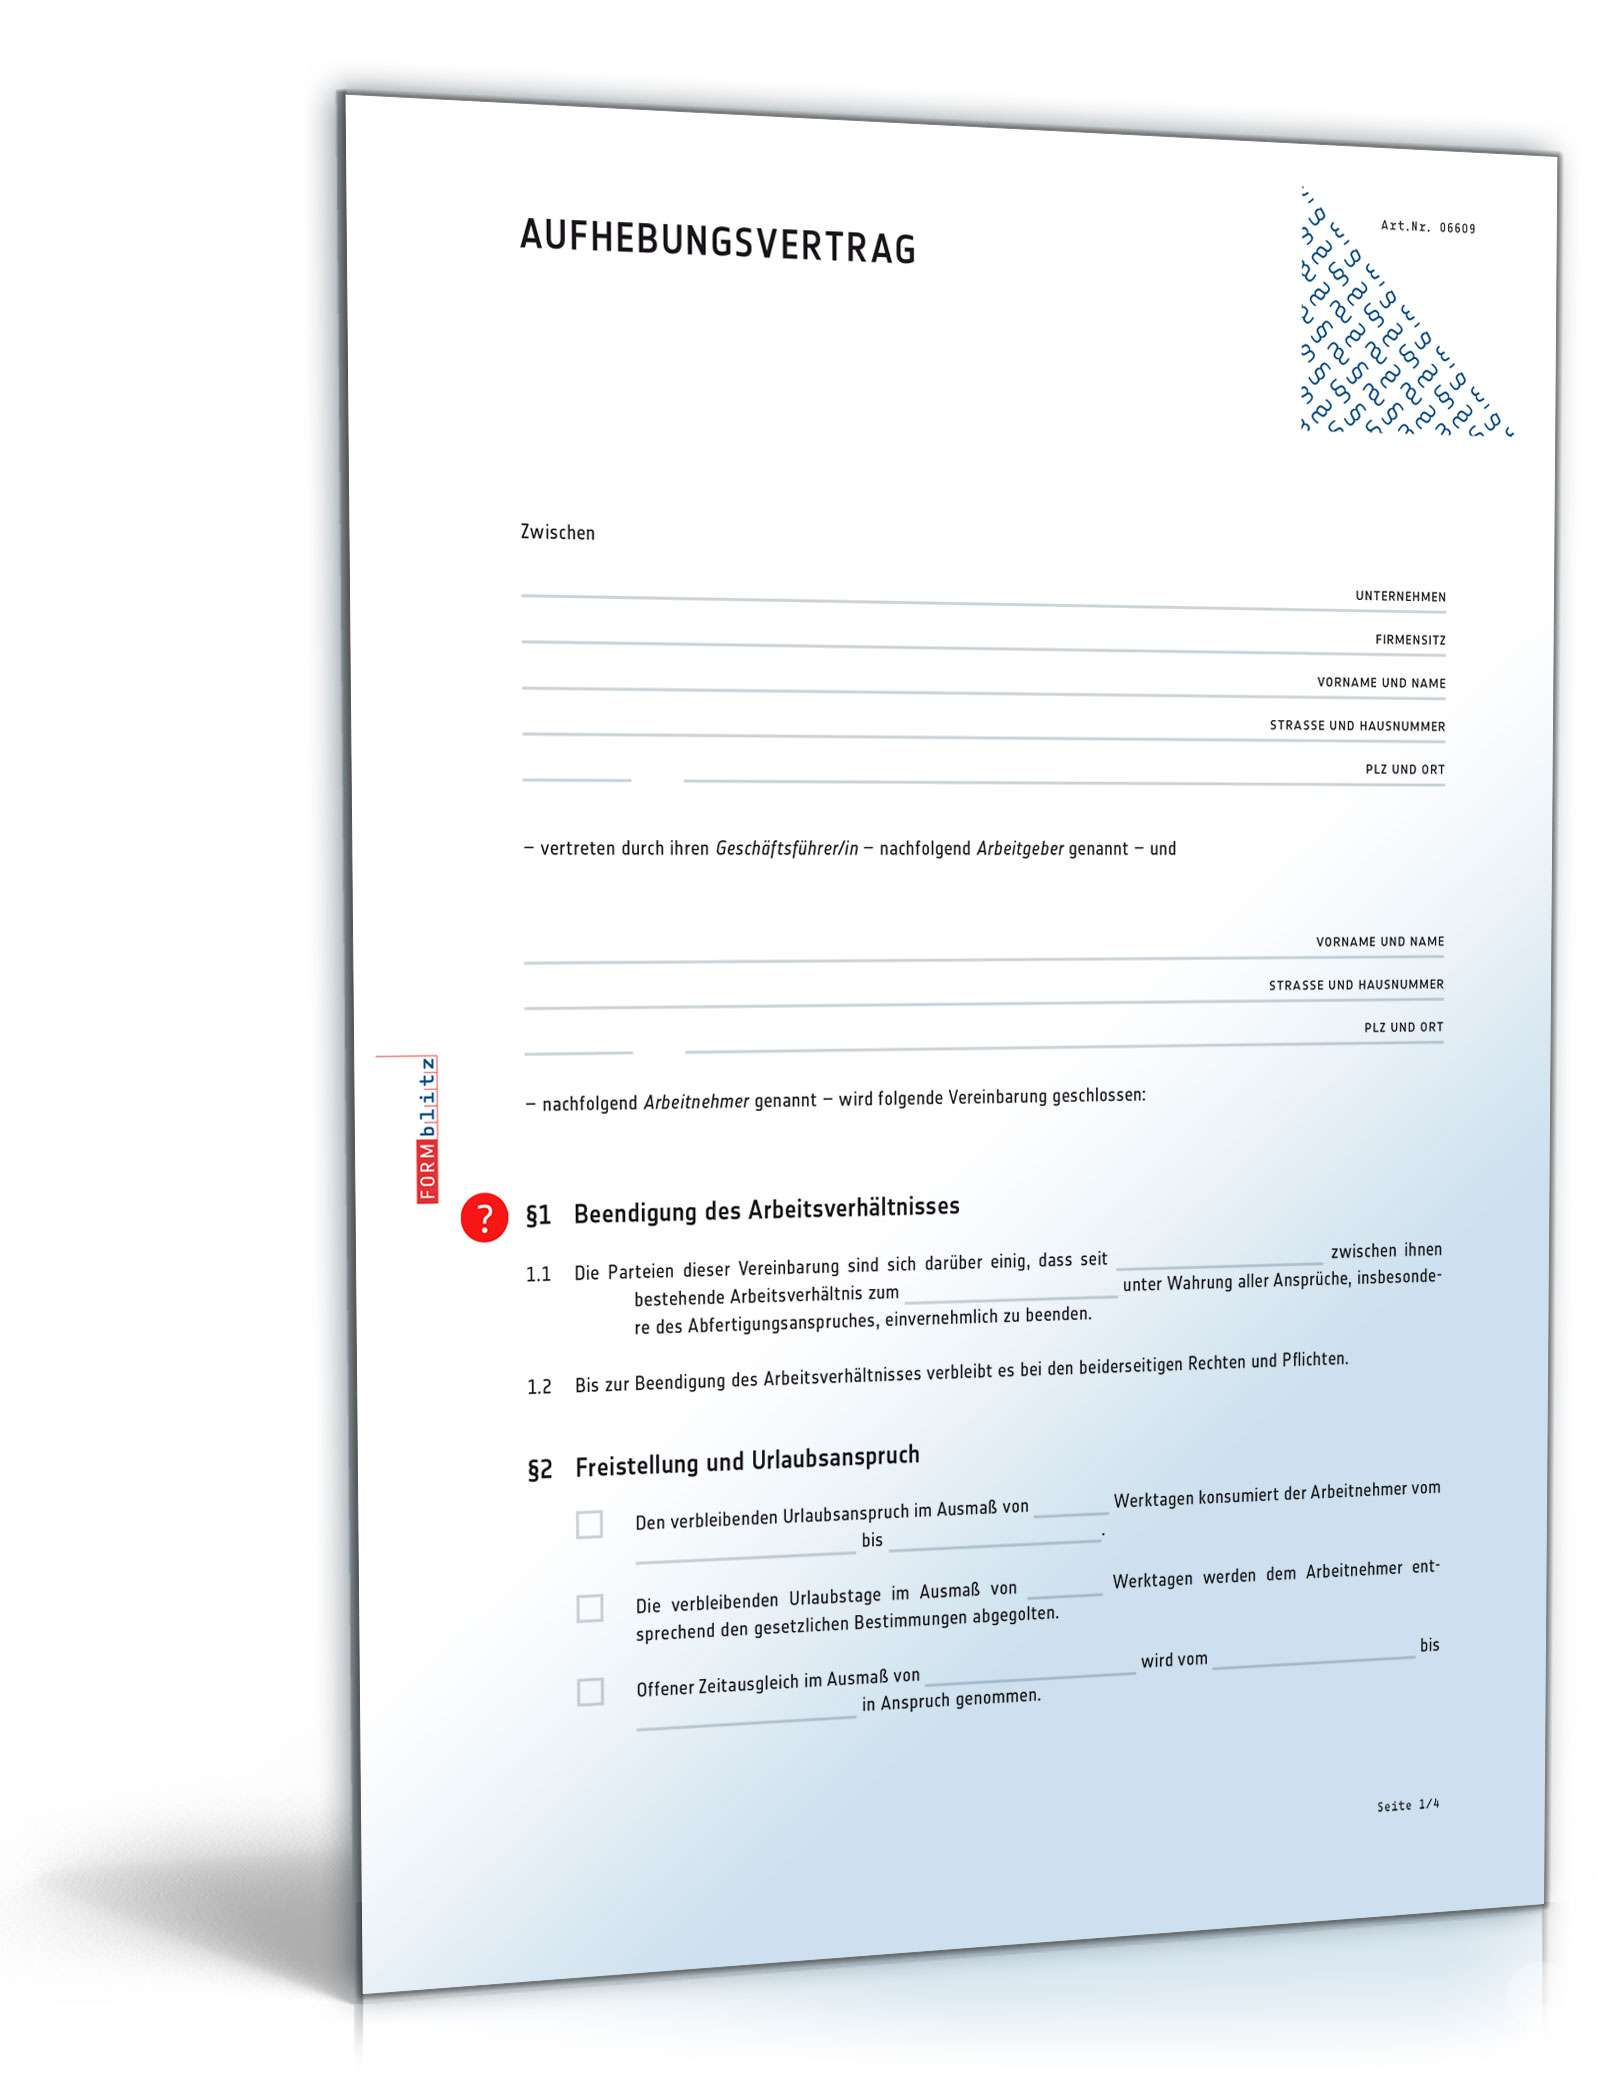 Aufhebungsvertrag Für Ein Arbeitsverhältnis Muster Zum